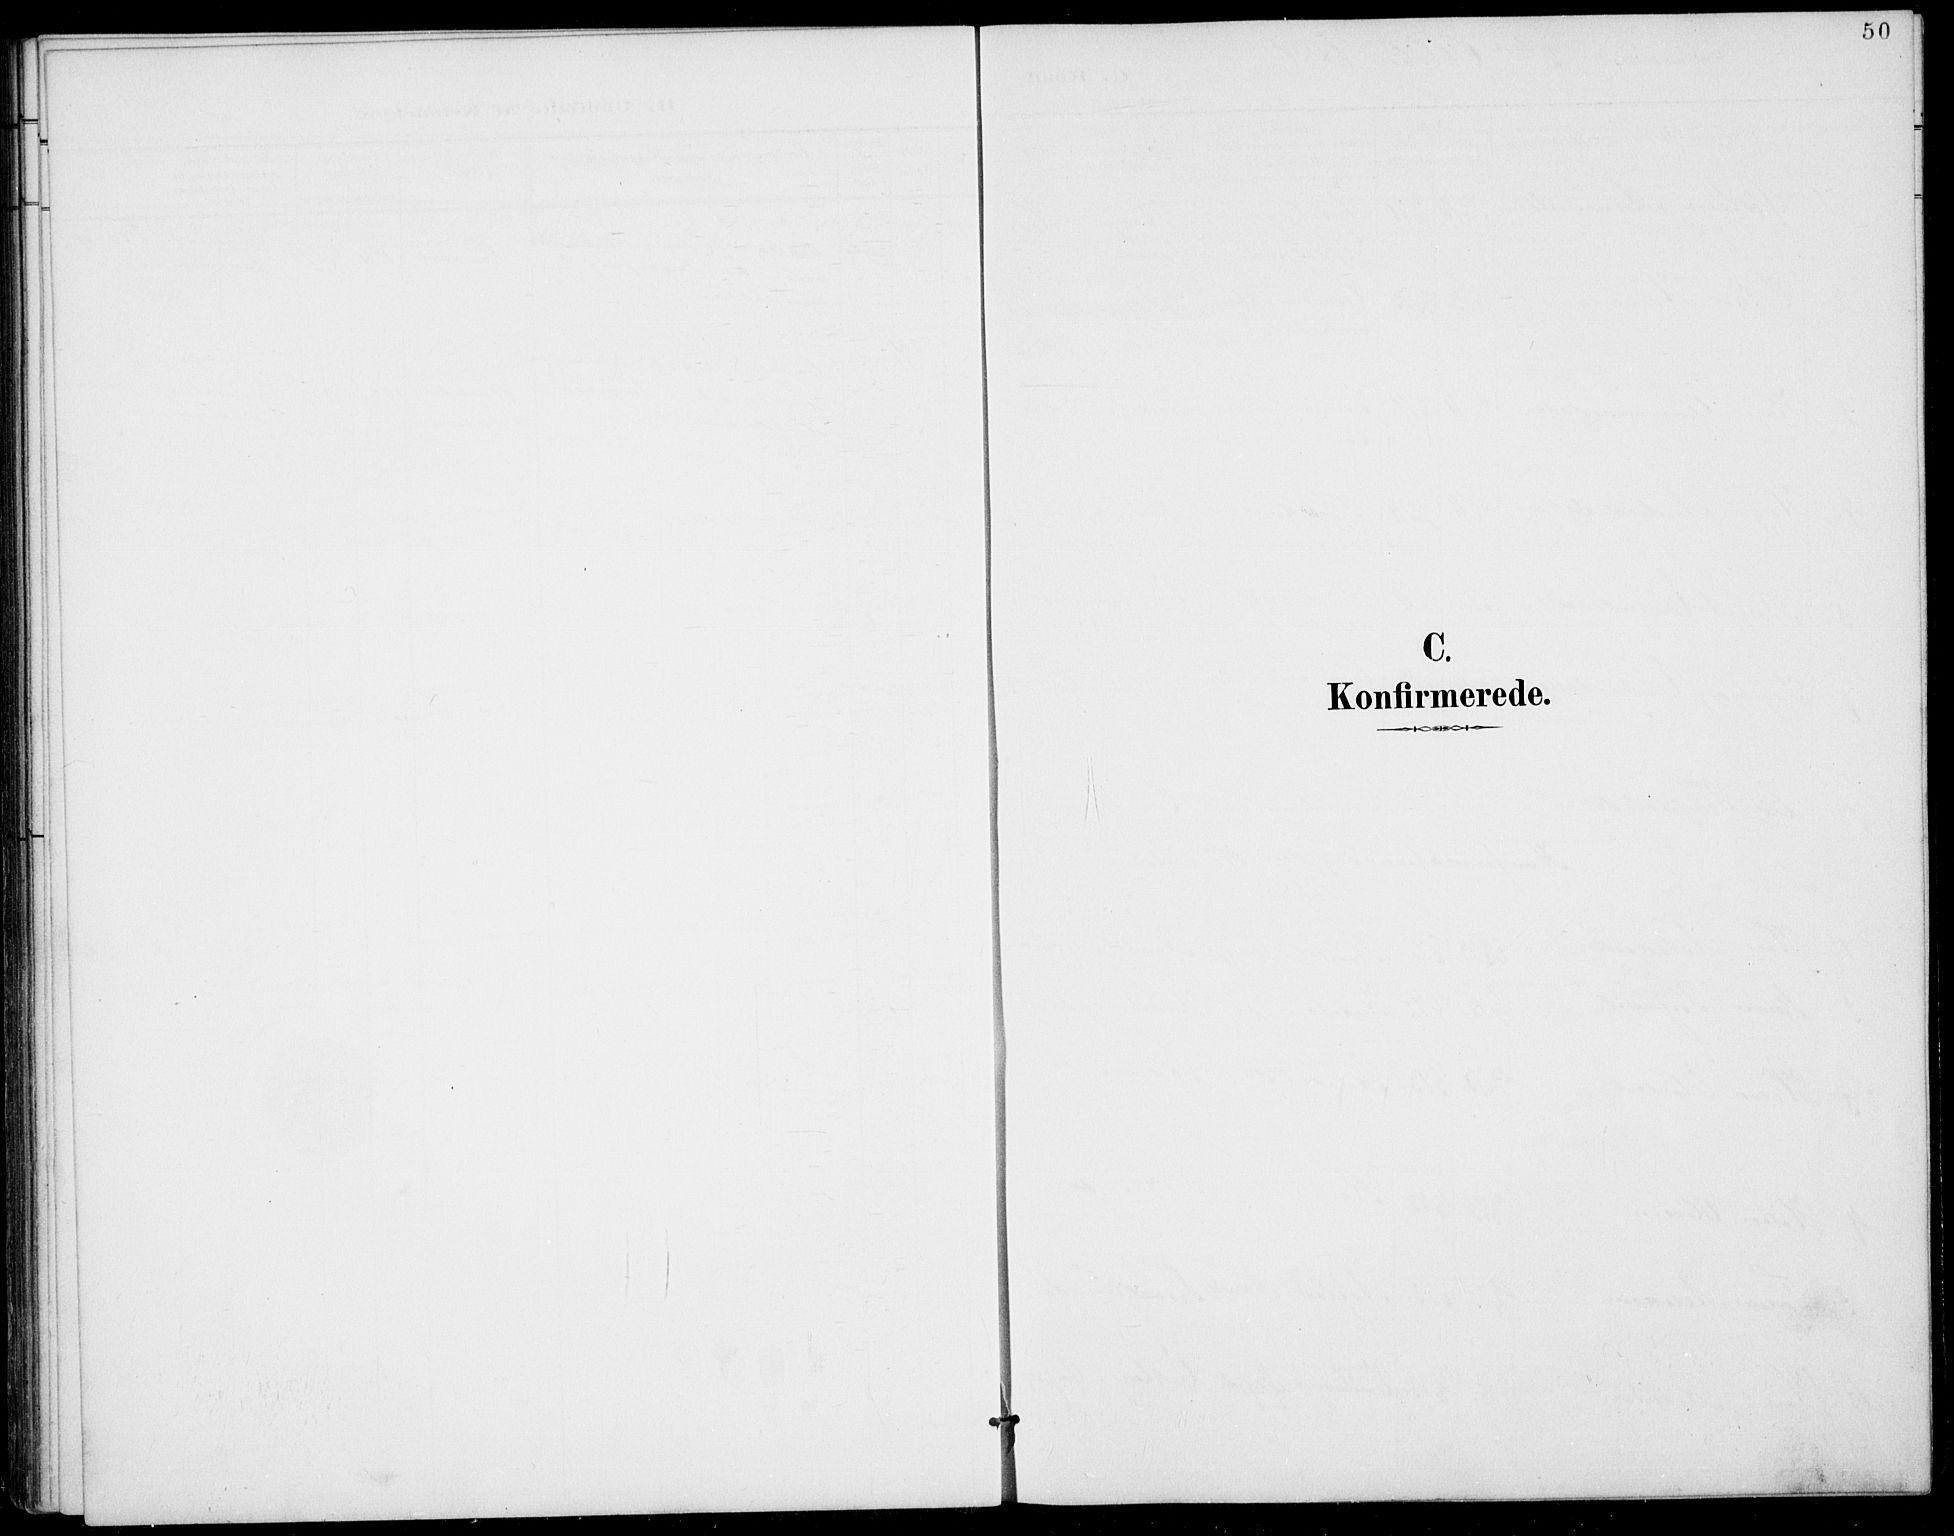 SAKO, Rauland kirkebøker, G/Gb/L0002: Klokkerbok nr. II 2, 1887-1937, s. 50